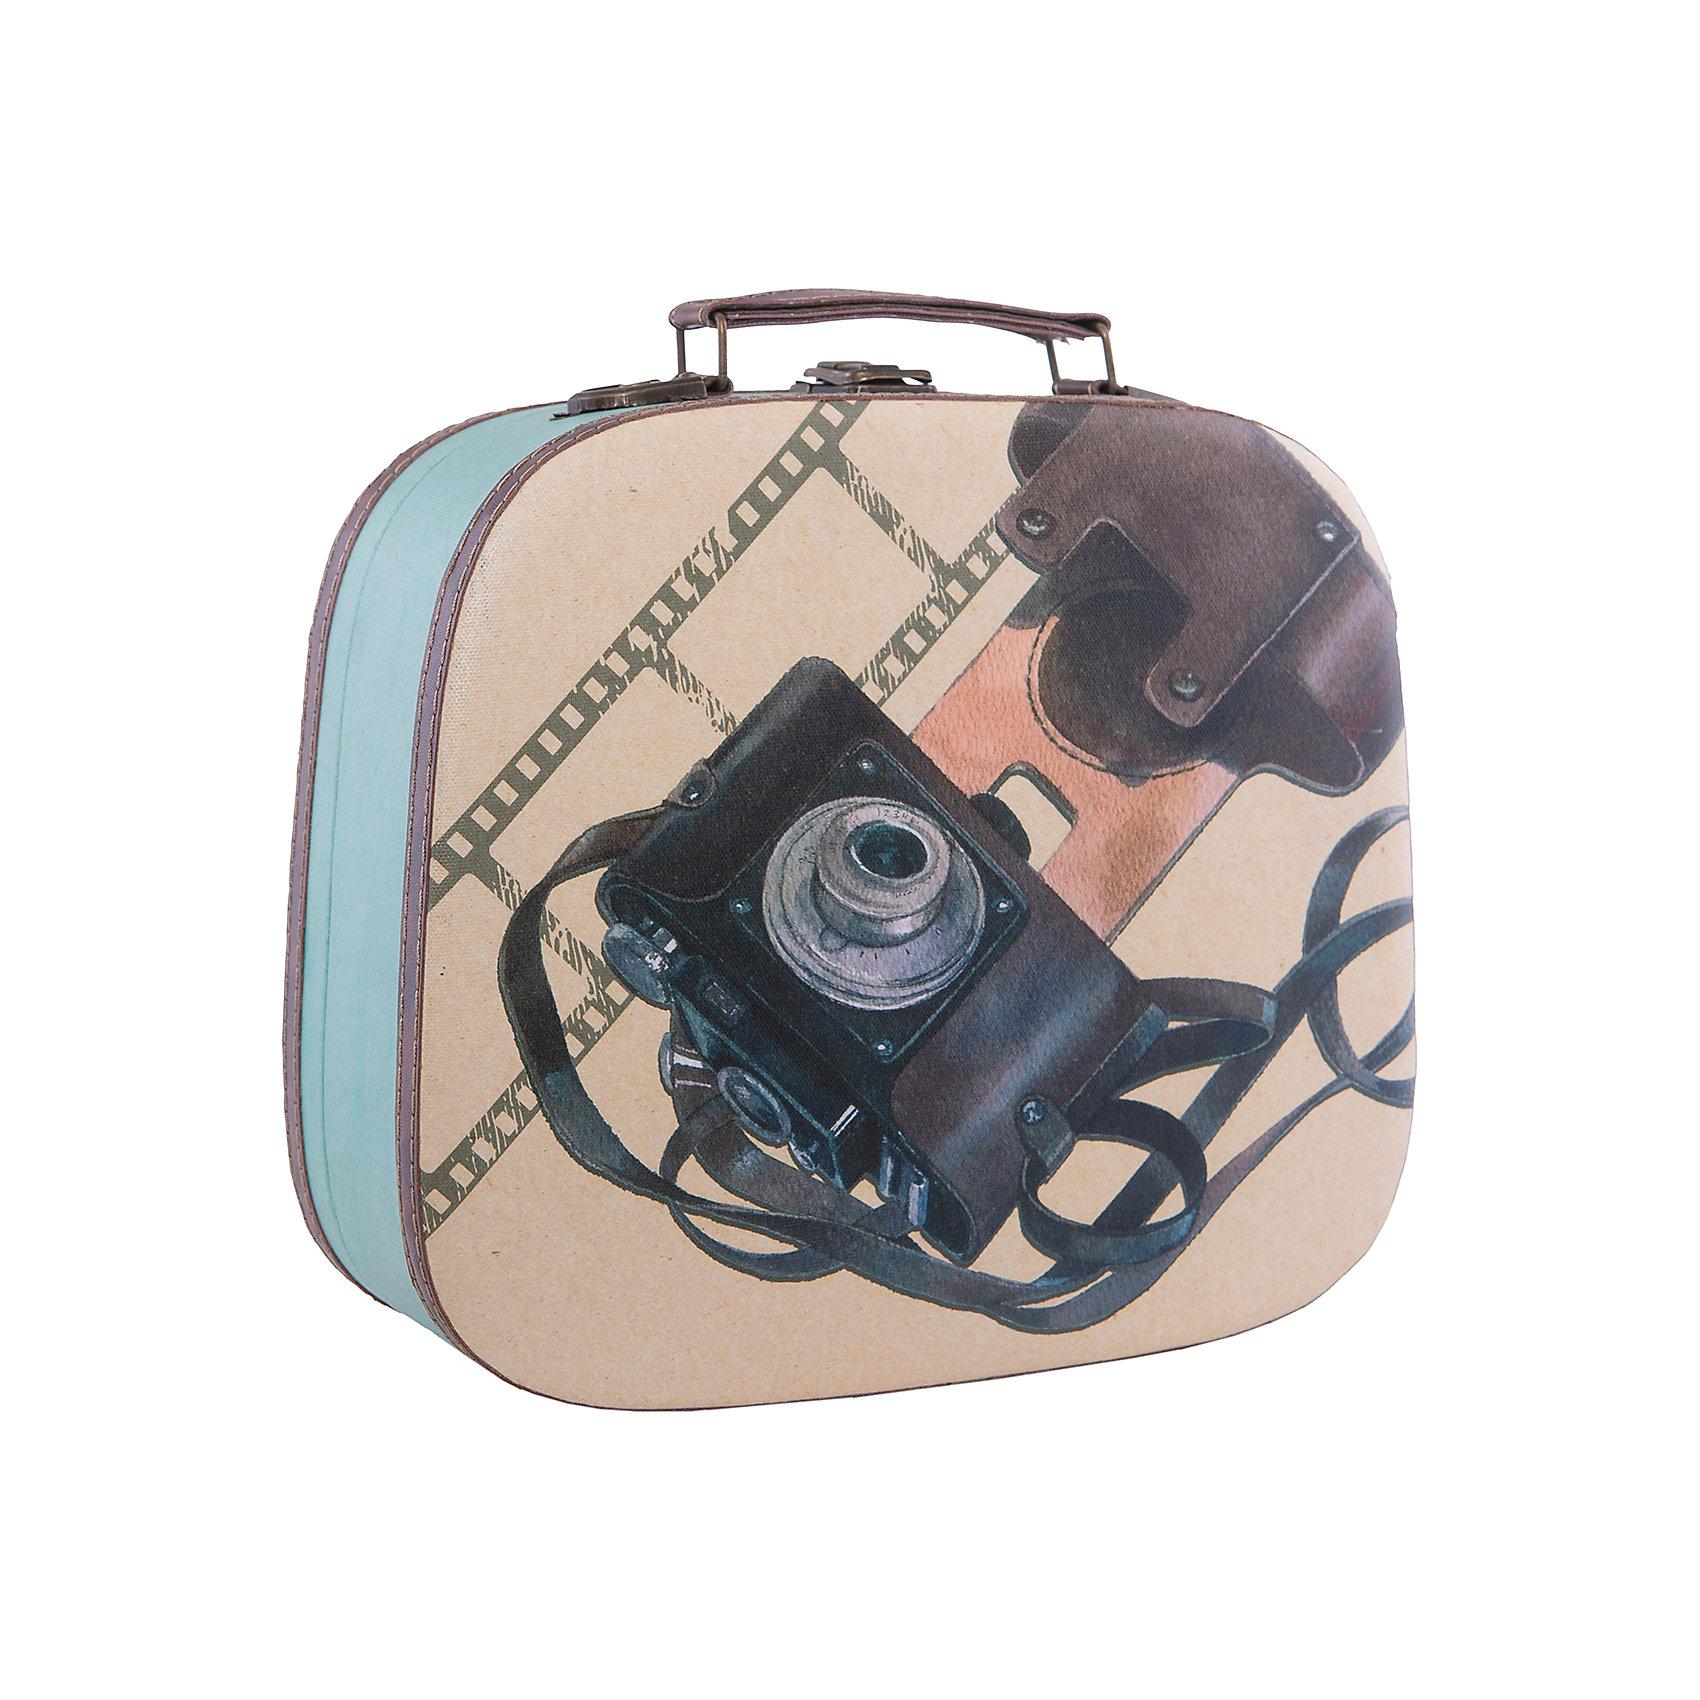 Шкатулка декоративная  ФотоаппаратДекоративная шкатулка Фотоаппарат изготовлена из материалов высокого качества, выполнена в форме сумочки, имеет удобную ручку и декорирована оригинальным рисунком с советским фотоаппаратом. В этой шкатулке удобно будет хранить самые ценные предметы и различные безделушки.<br><br>Дополнительная информация:<br>Материал: МДФ<br>Размер: 10,5х28,5х25 см<br>Вес: 1005 грамм<br>Декоративную шкатулку Фотоаппарат вы можете приобрести в нашем интернет-магазине.<br><br>Ширина мм: 320<br>Глубина мм: 370<br>Высота мм: 560<br>Вес г: 700<br>Возраст от месяцев: 84<br>Возраст до месяцев: 216<br>Пол: Унисекс<br>Возраст: Детский<br>SKU: 4957989